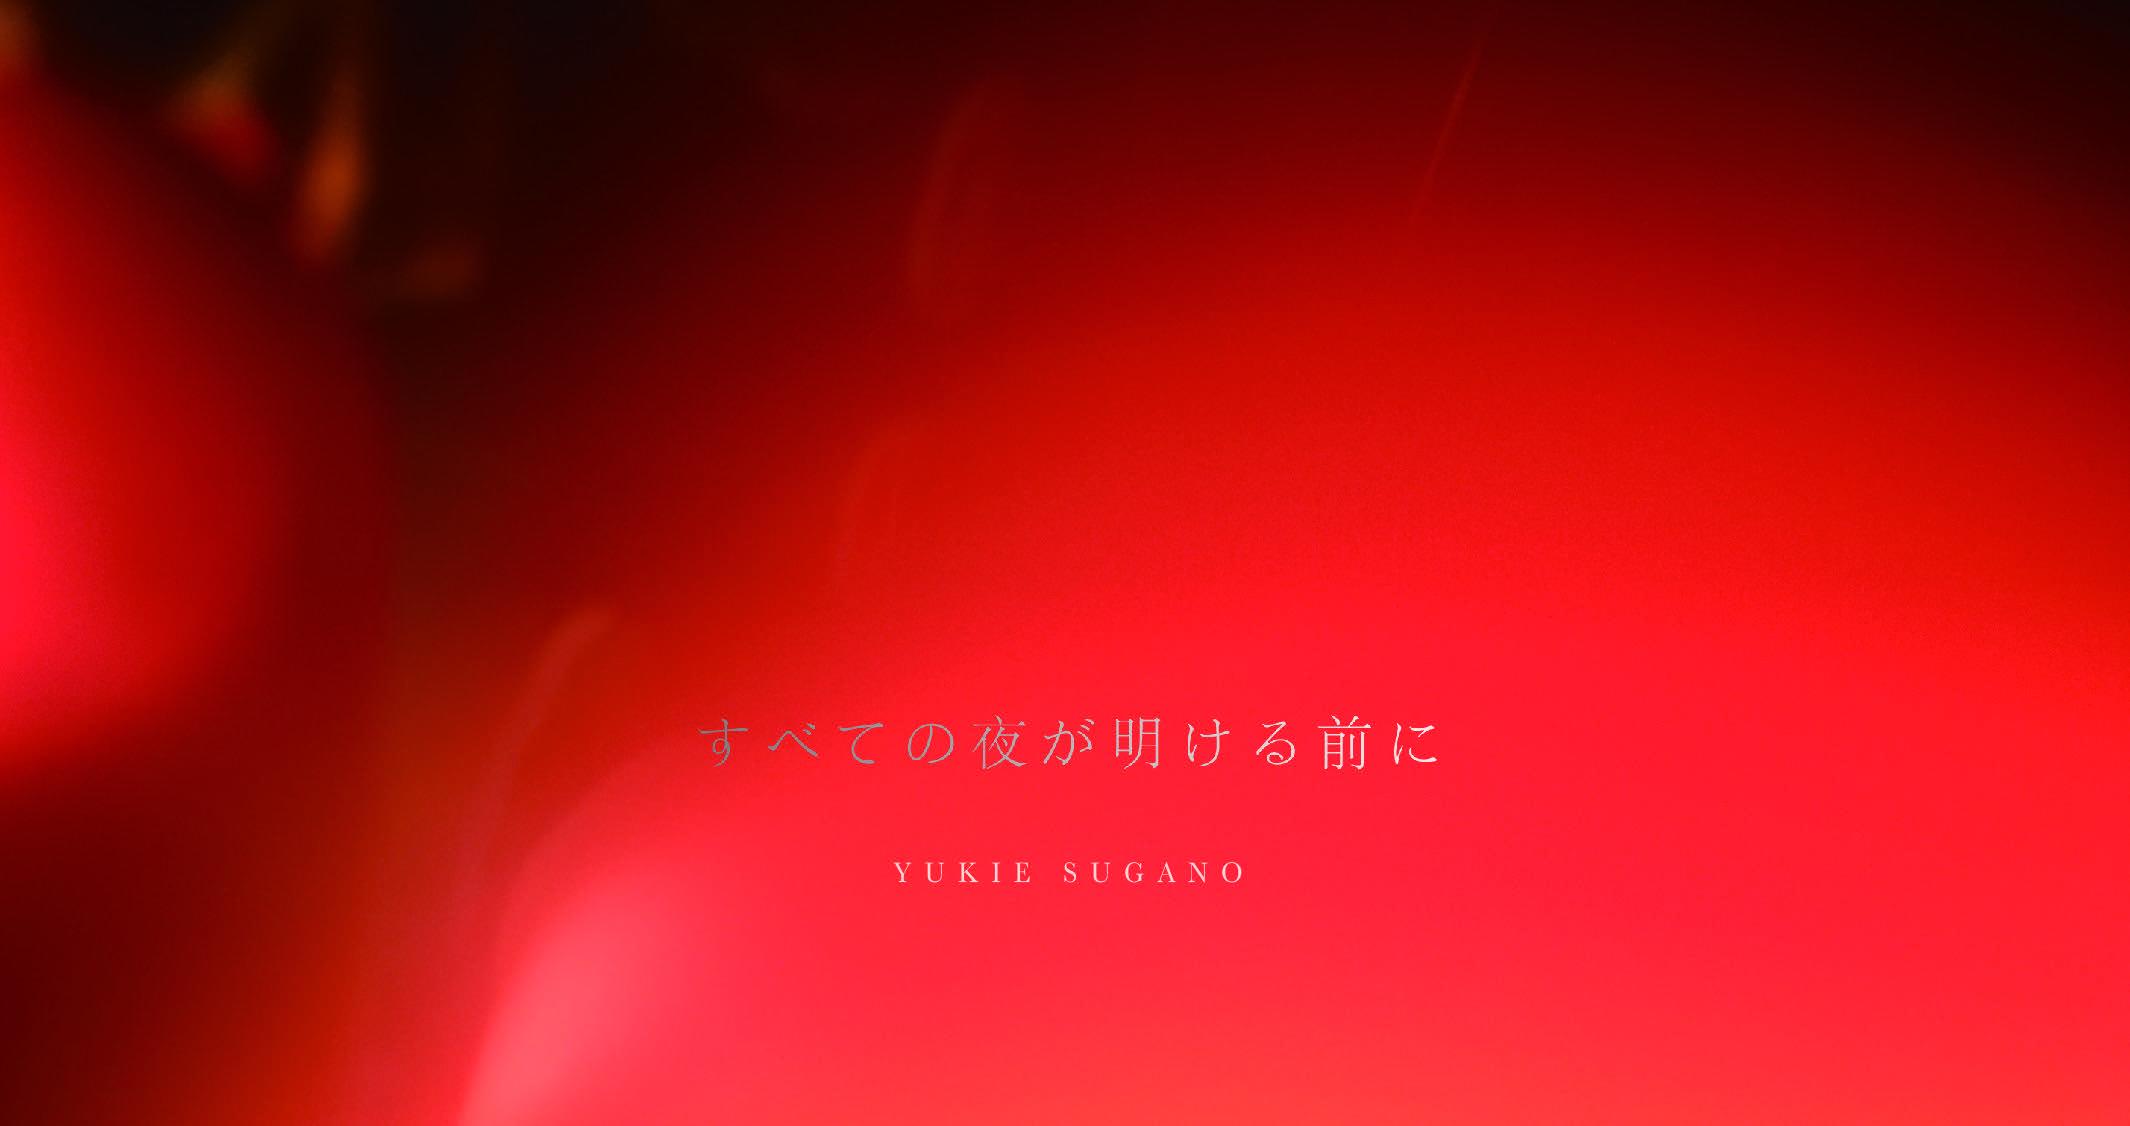 菅野幸恵 個展「すべての夜が明ける前に」